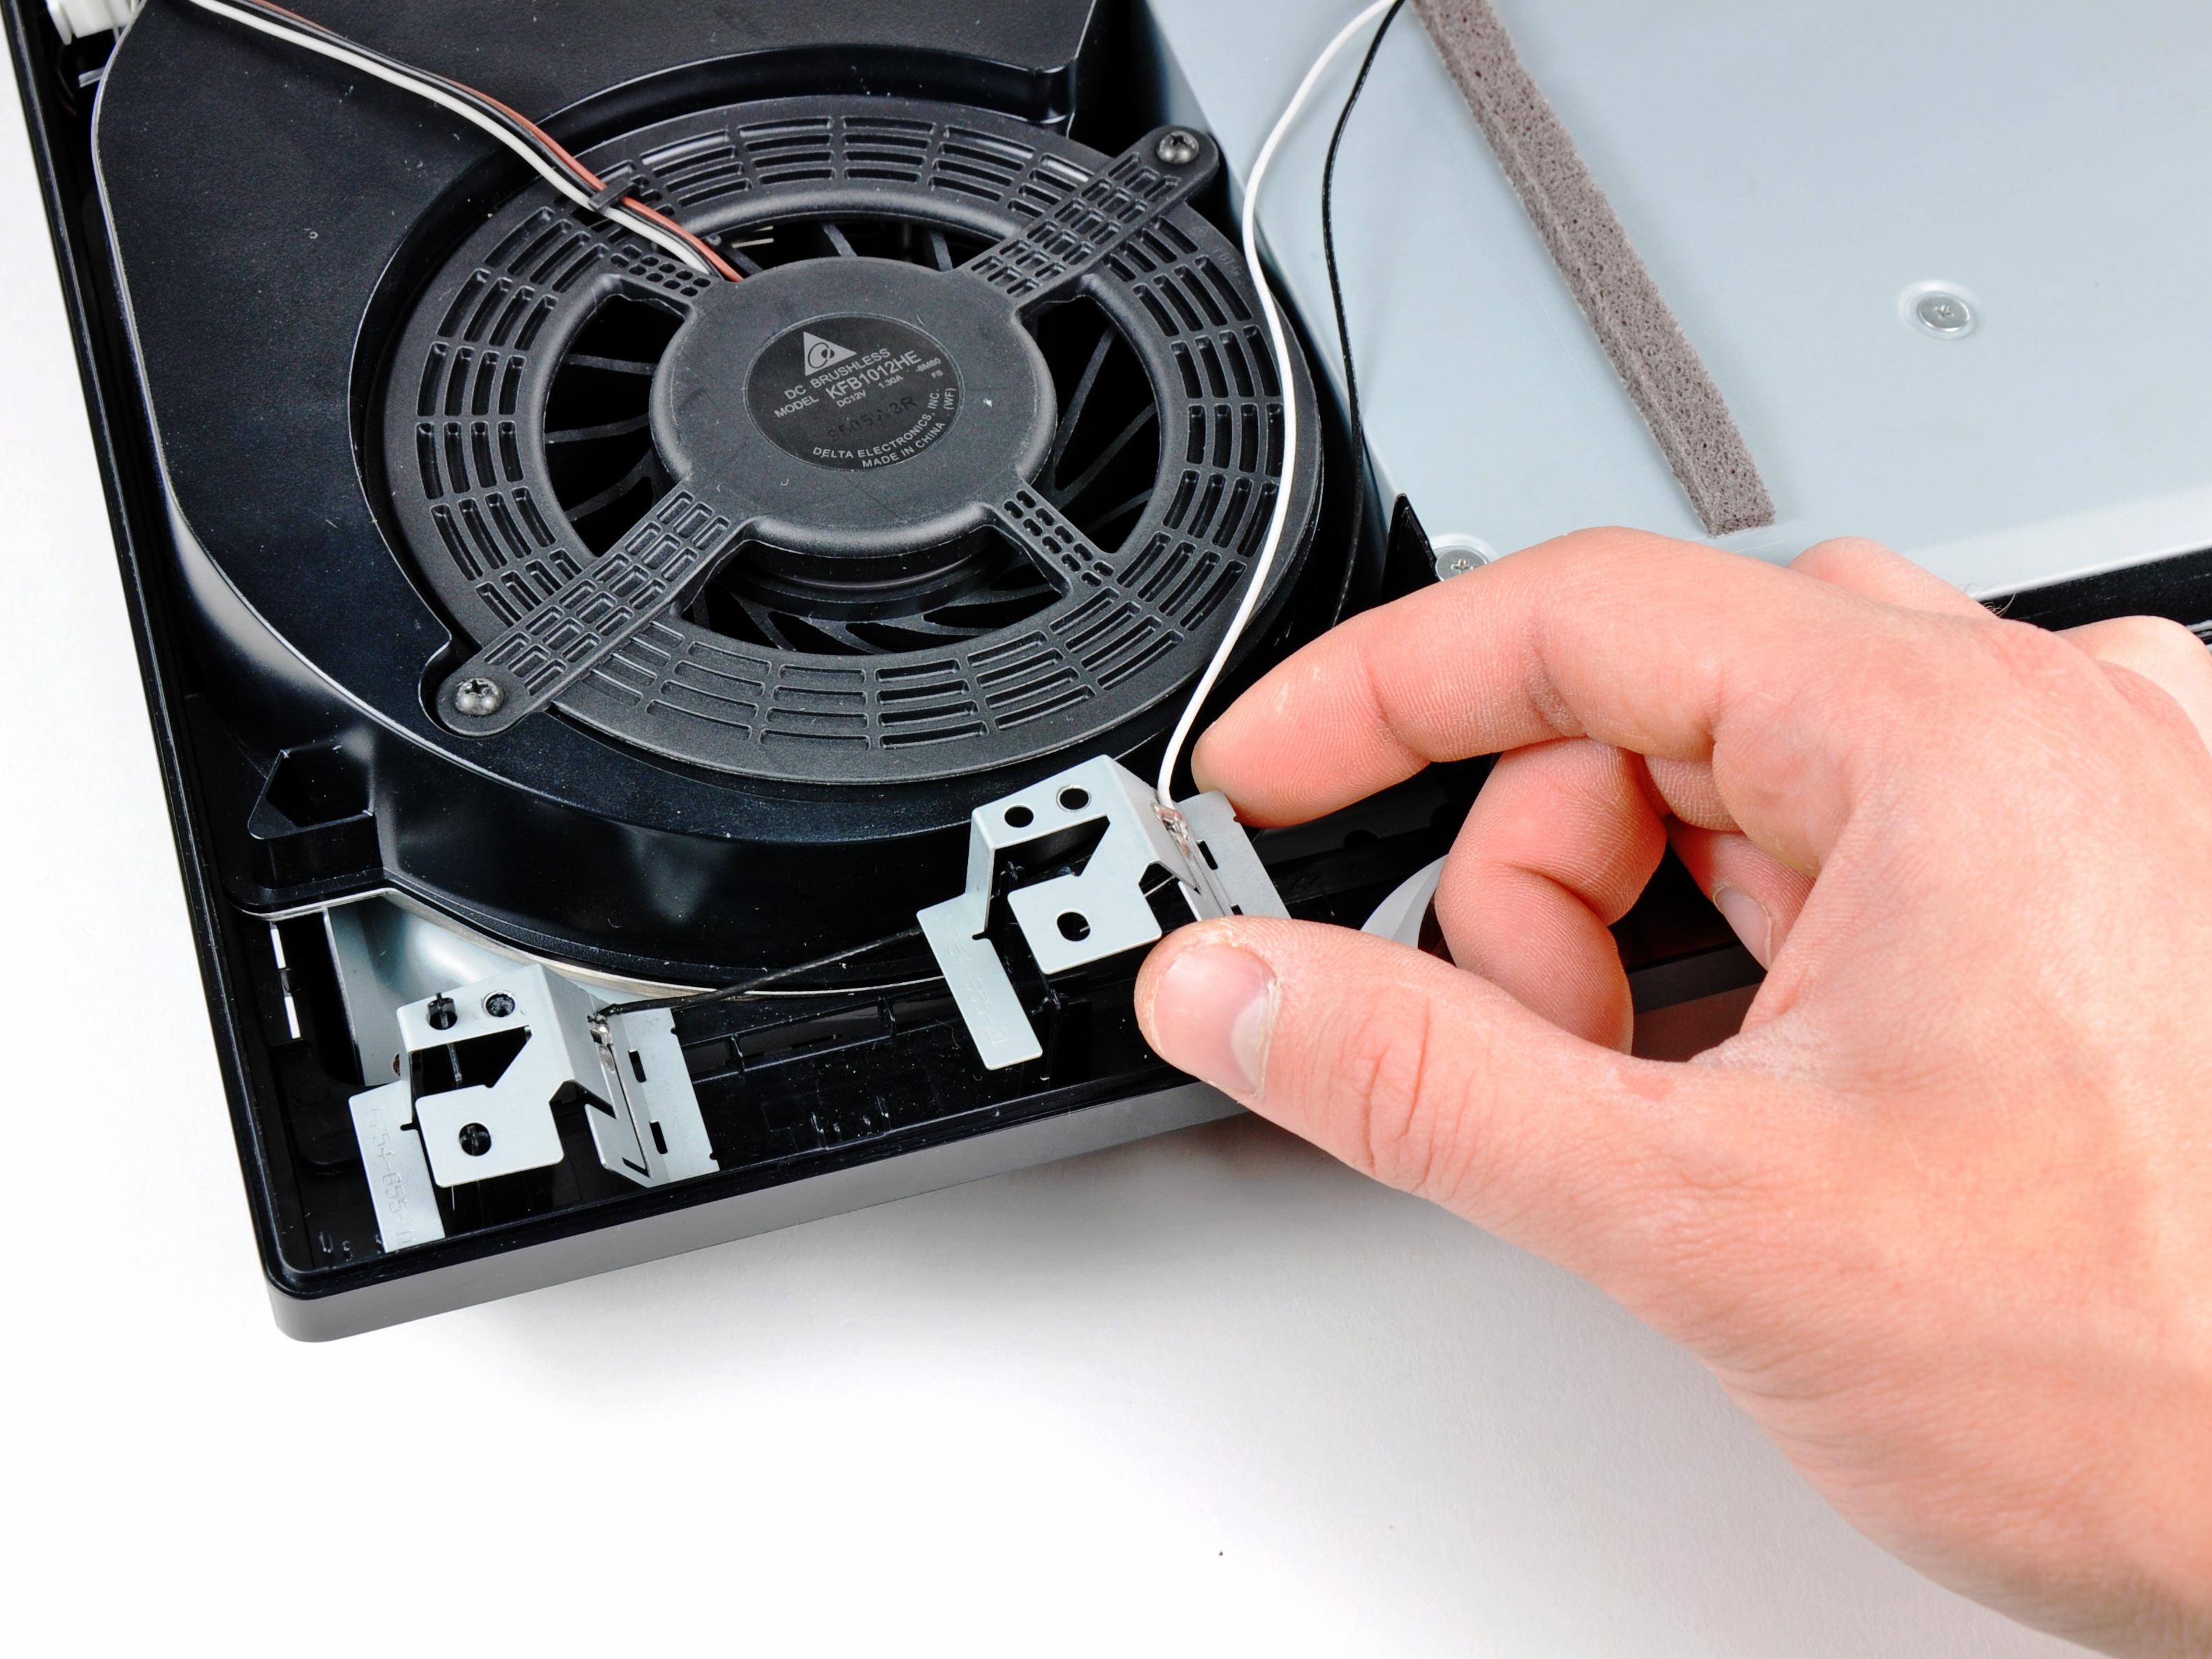 Playstation 3 Slim Repair Ifixit Circuit Diagram Antennas